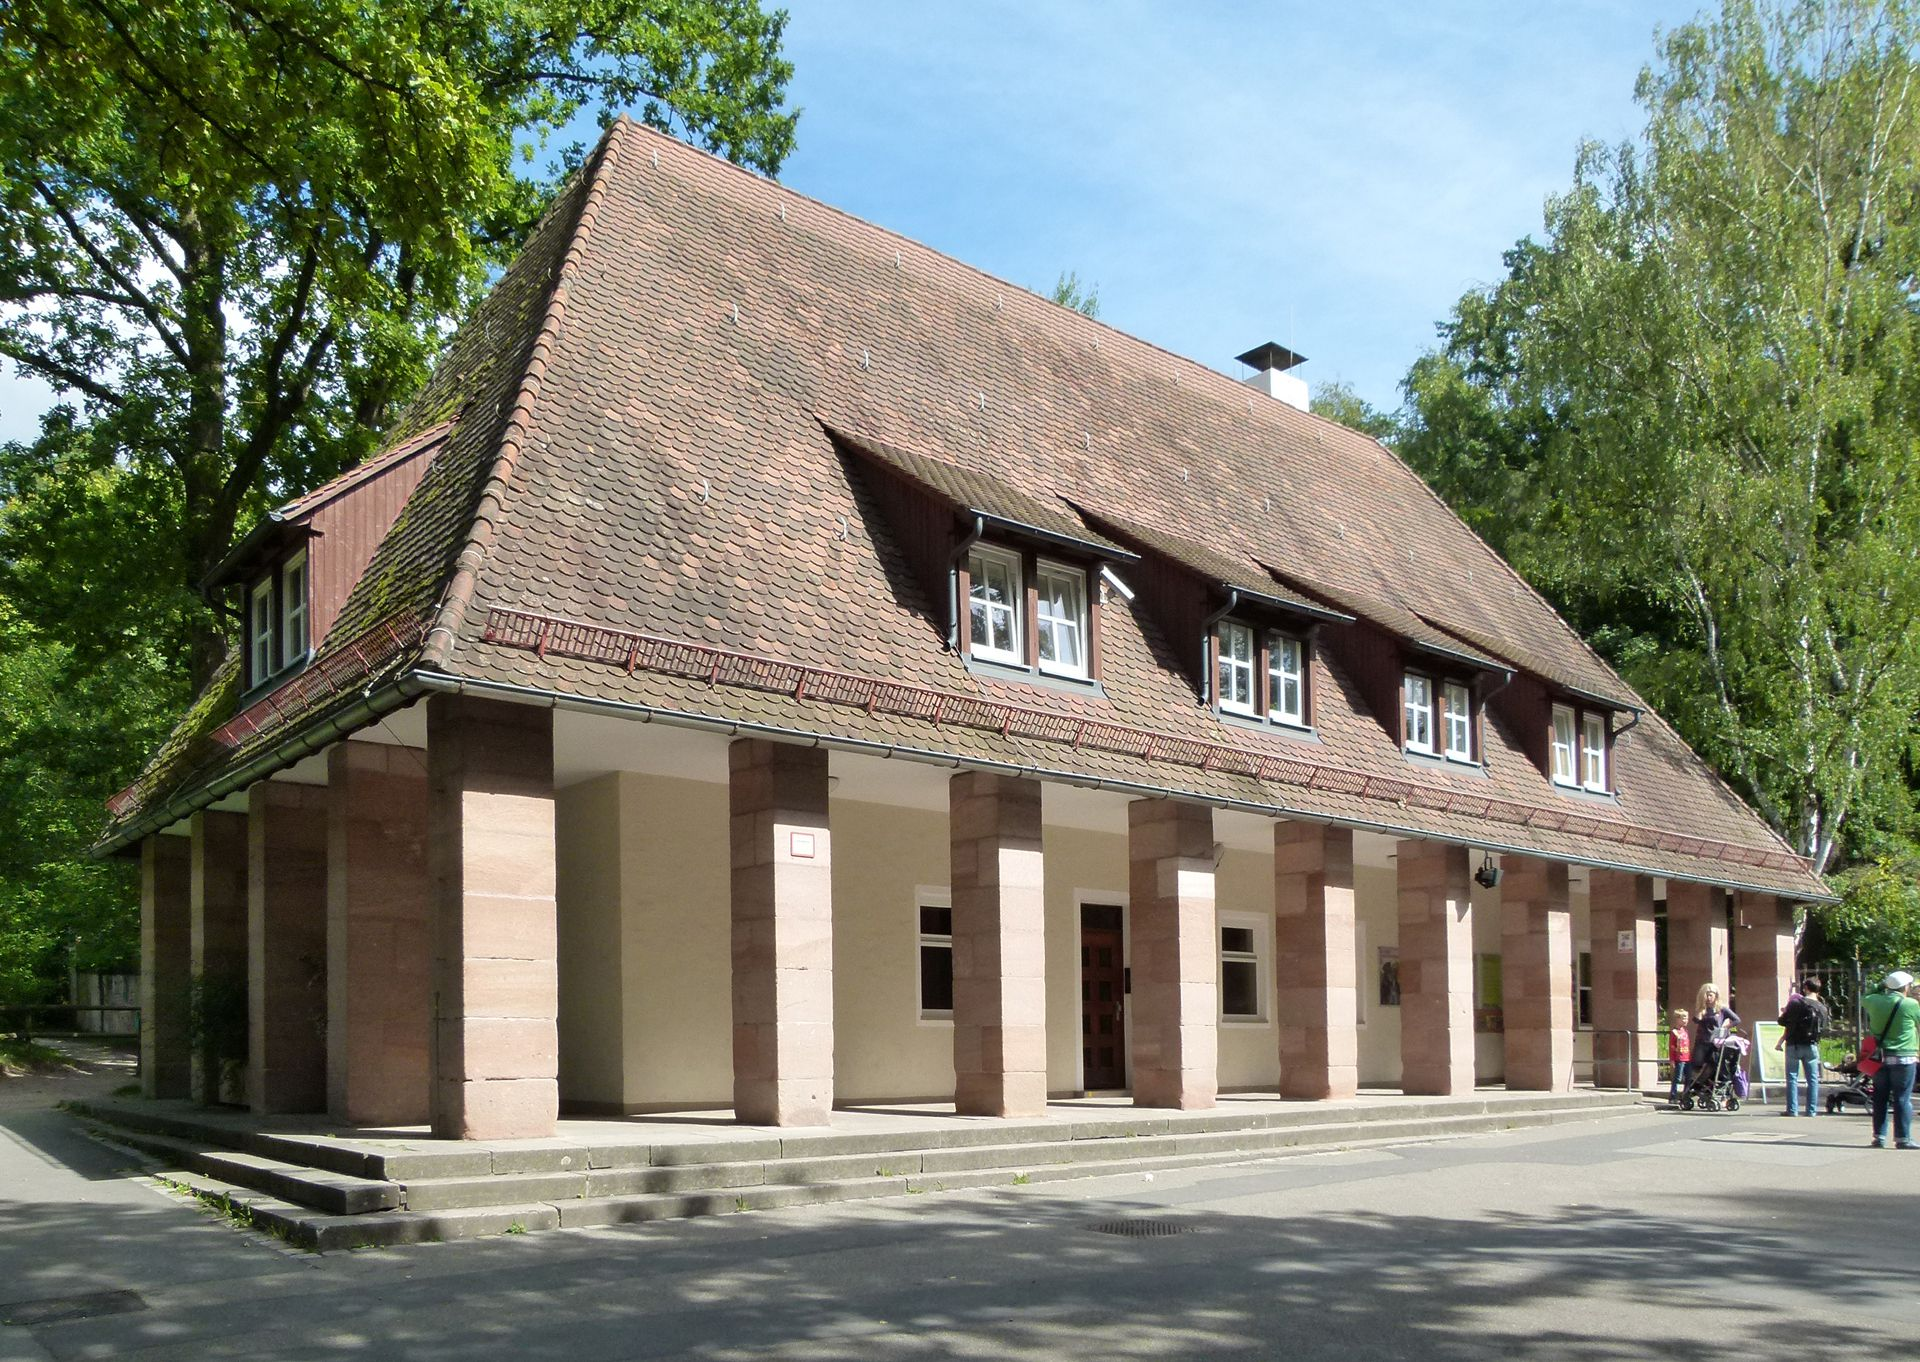 Tiergarten, Verwaltungsgebäude am Haupteingang Schrägansicht